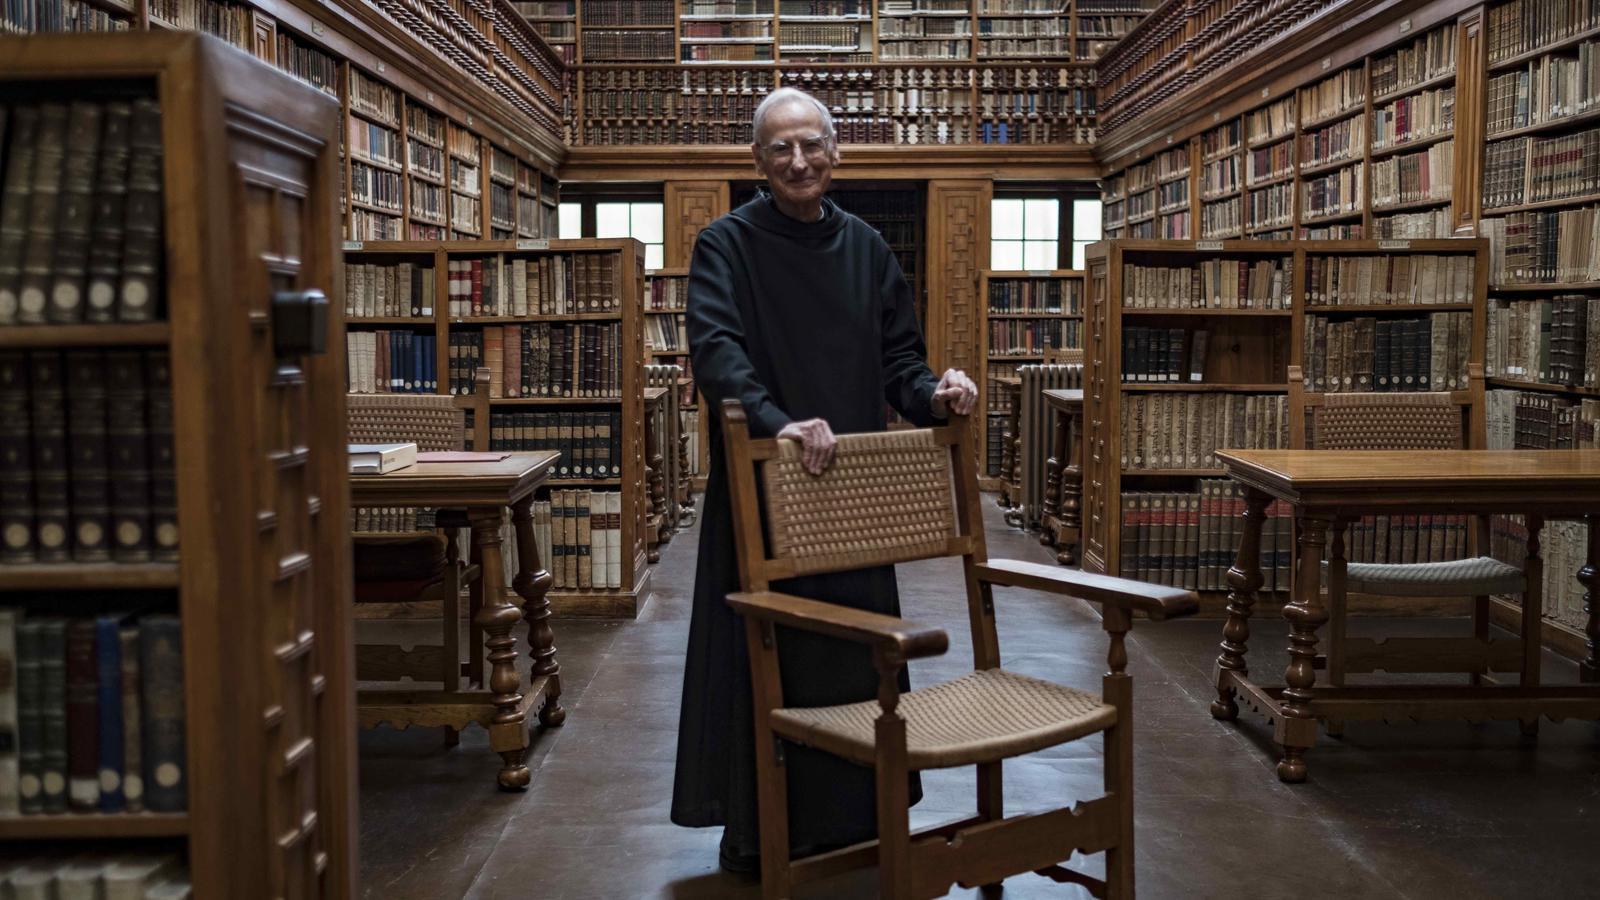 La biblioteca històrica del monestir, només accessible a les  visites especials